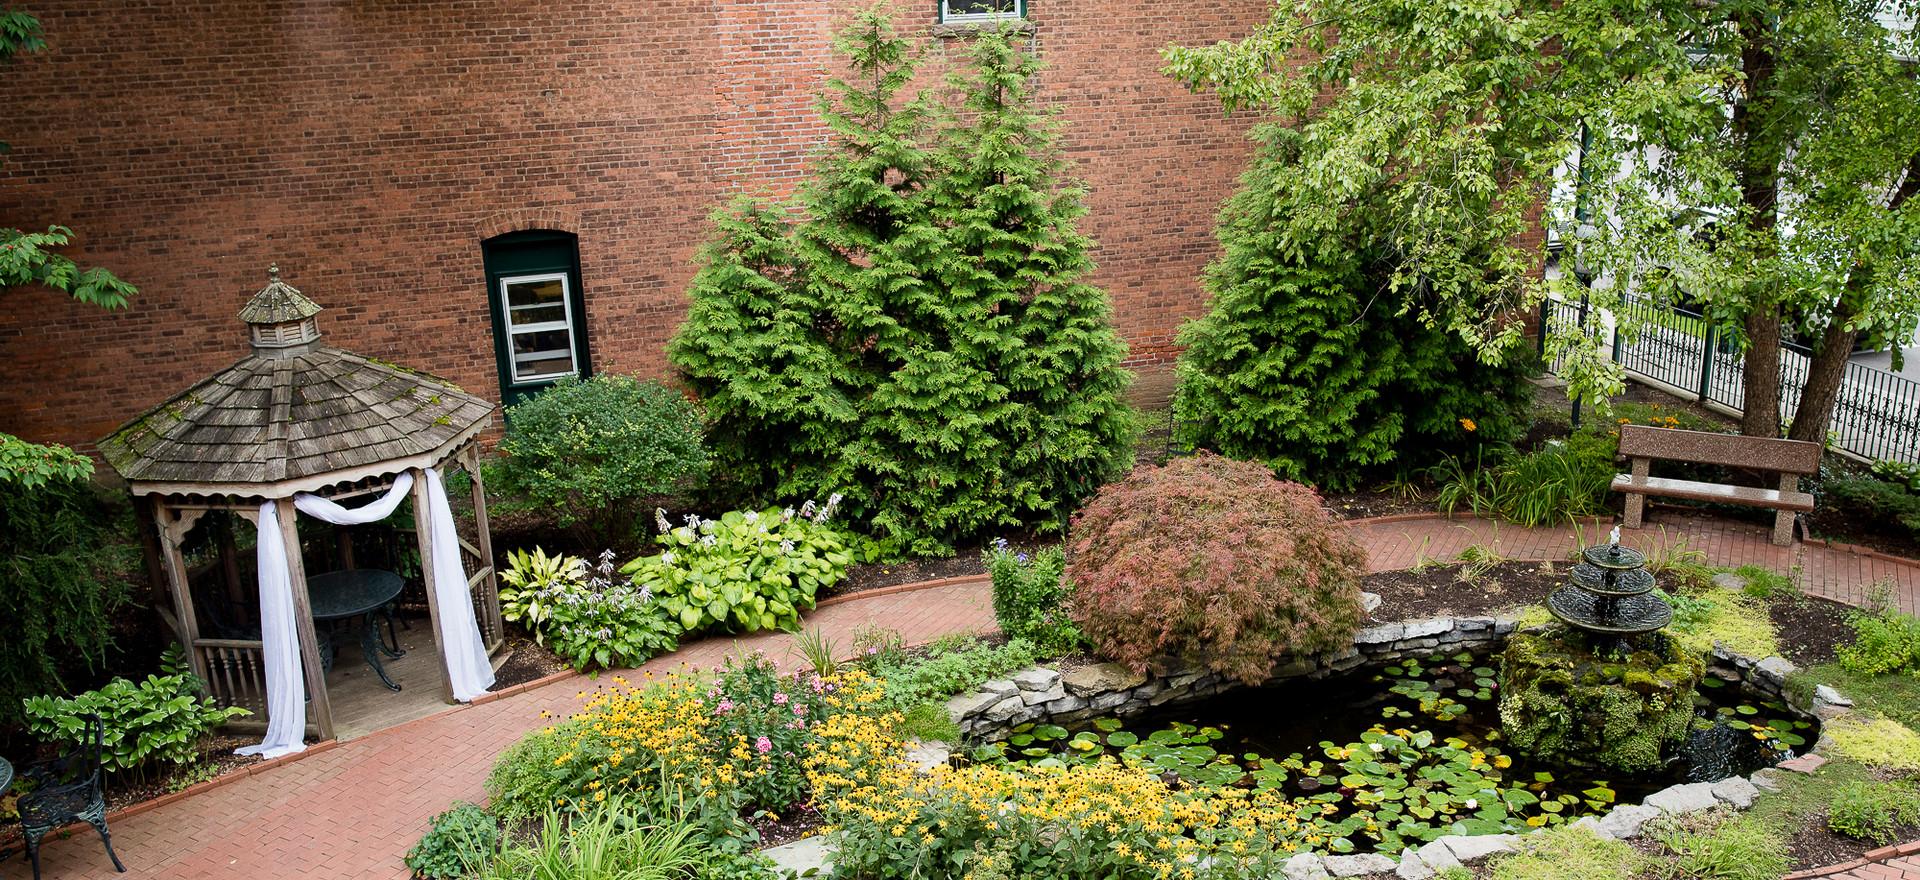 clifton-garden14.jpg